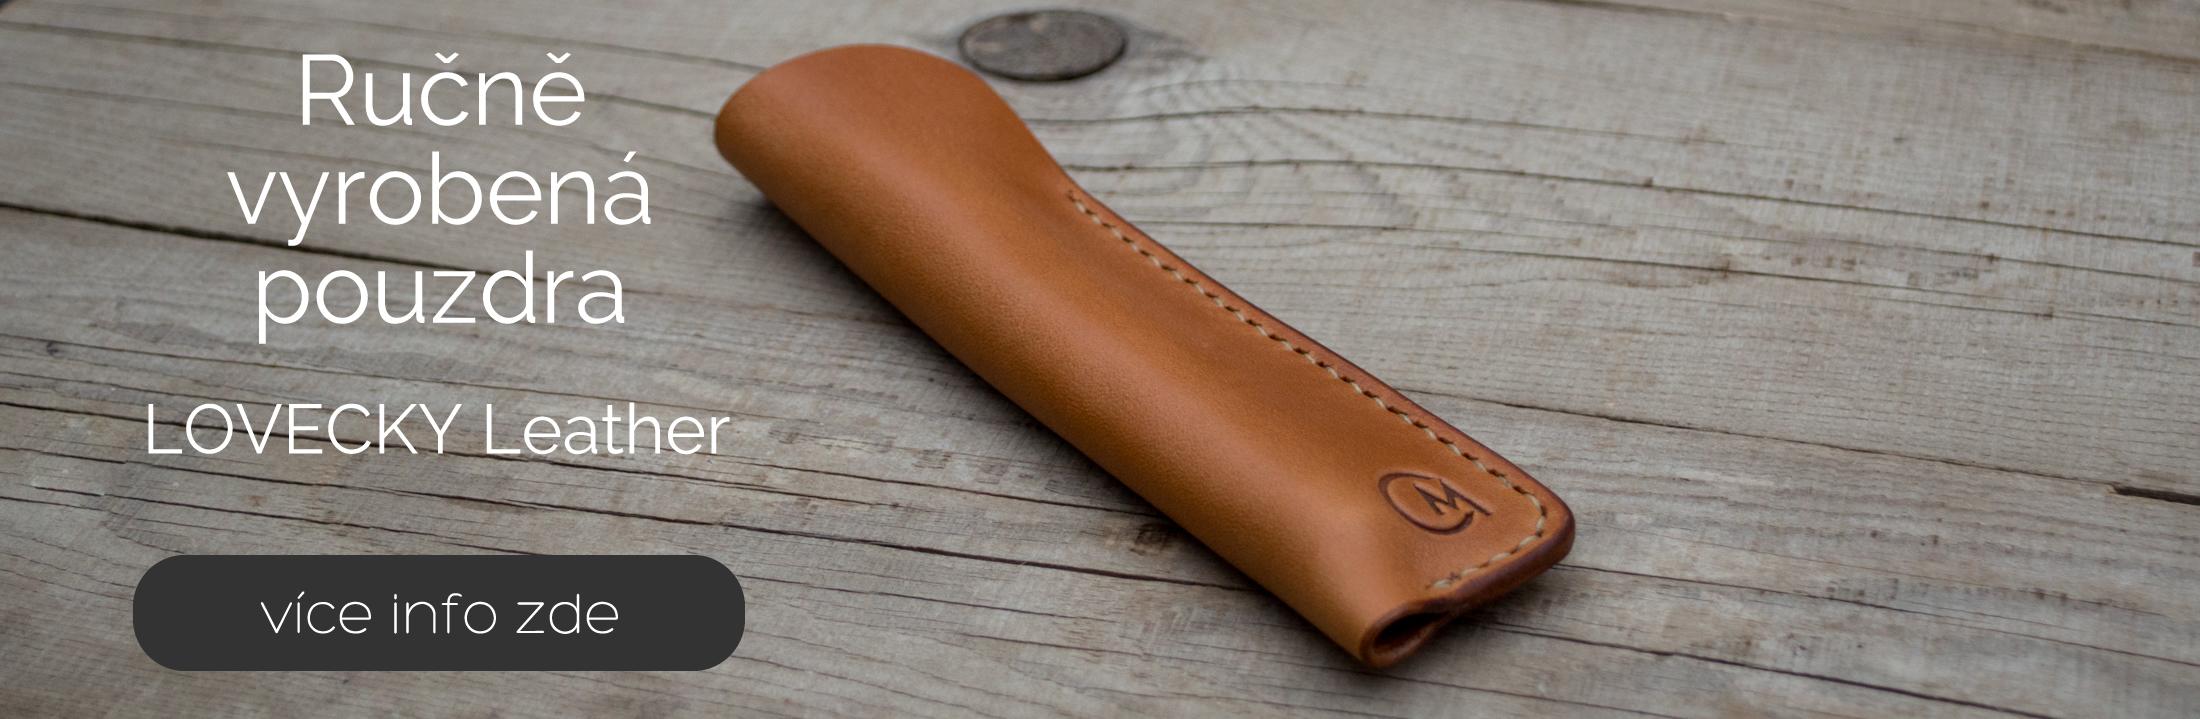 Pouzdra Lovecky leather